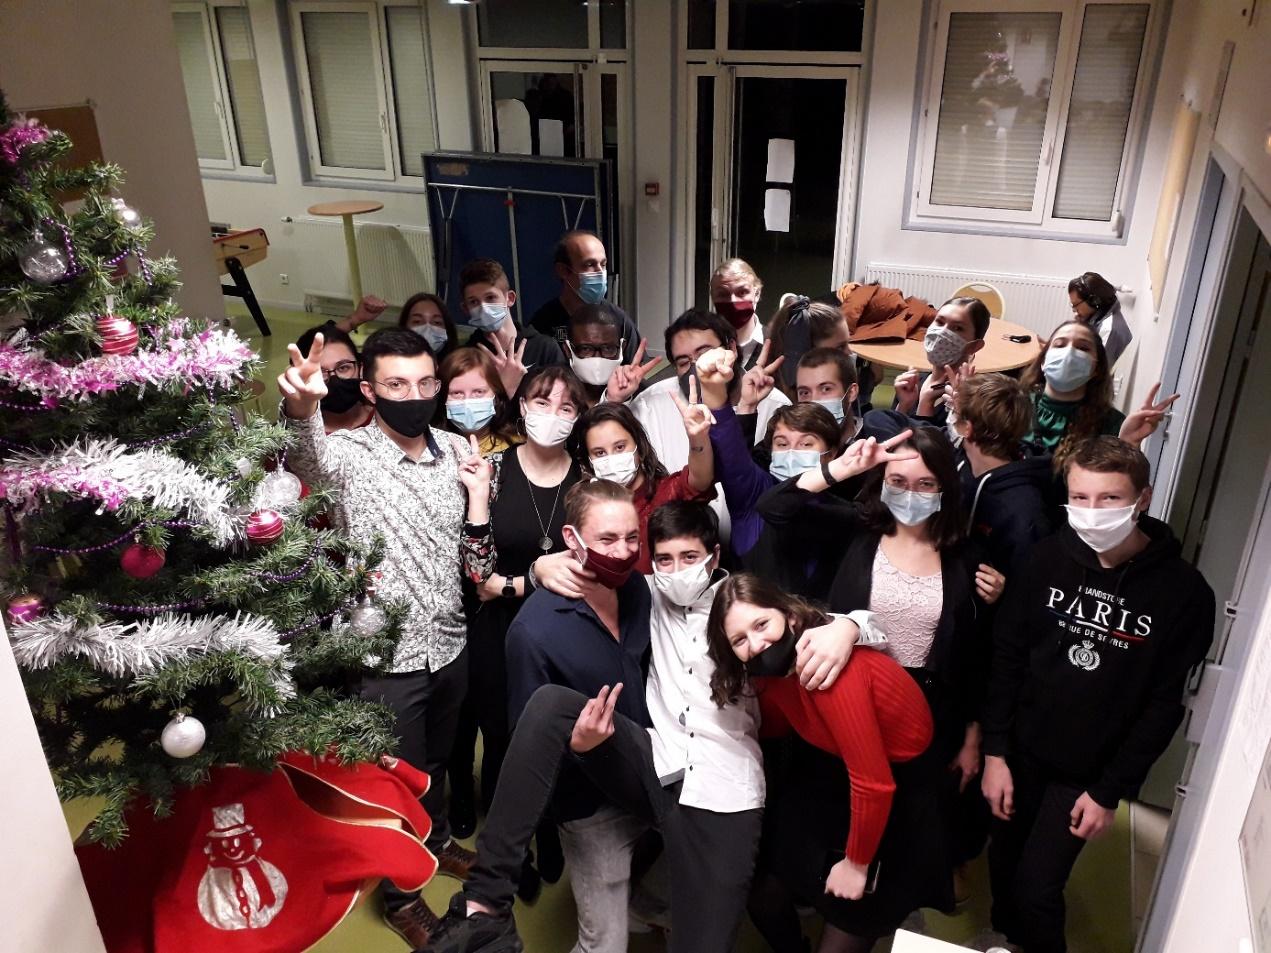 S:\A1-Direction\Photos\2020-12-10 Soirée Noël interne\20201210_201444.jpg